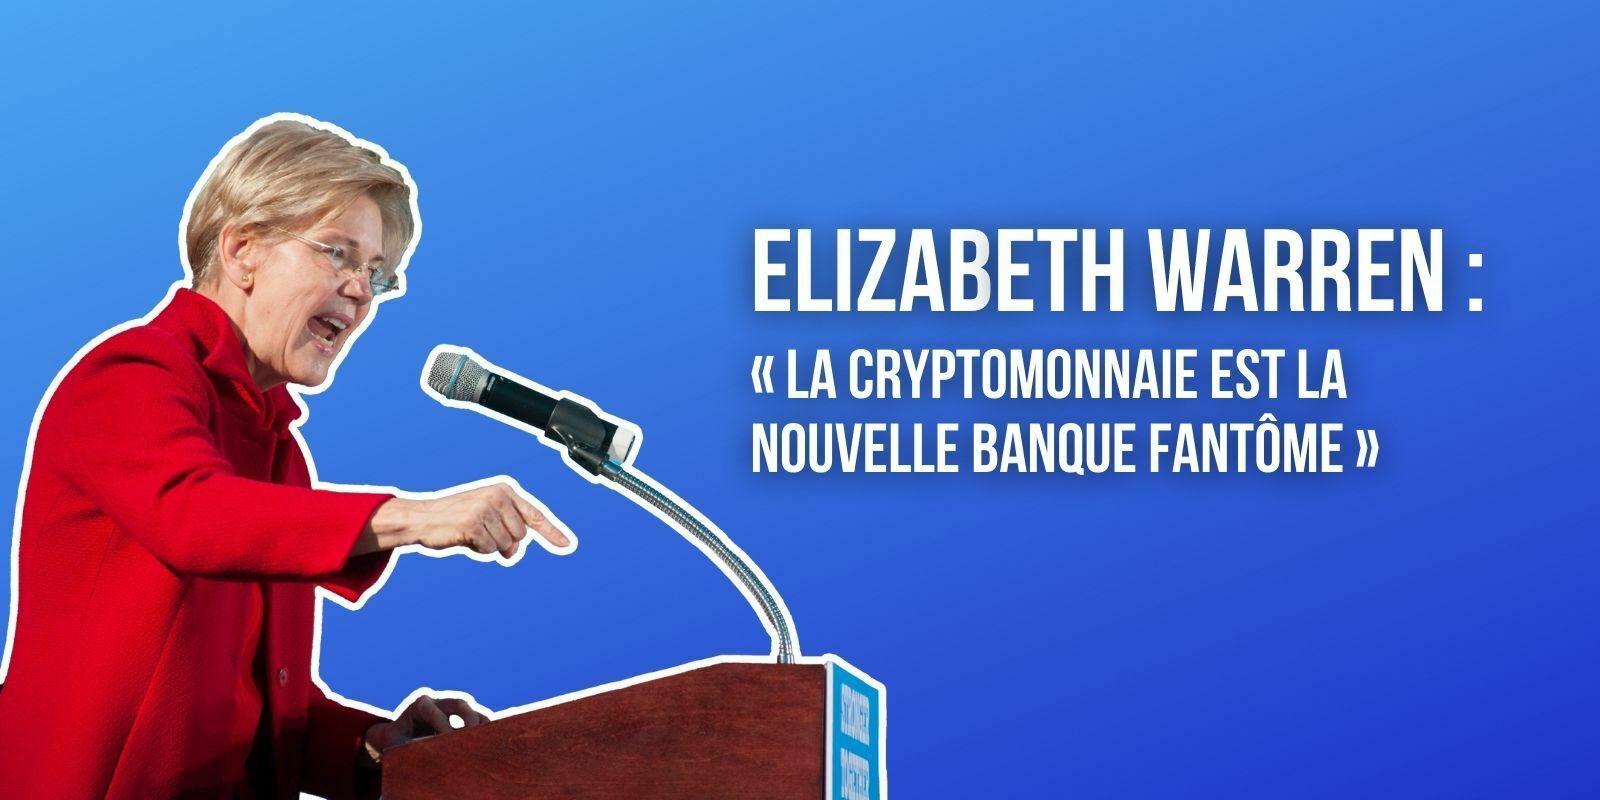 États-Unis : cette sénatrice assure que la cryptomonnaie est « la nouvelle banque fantôme »